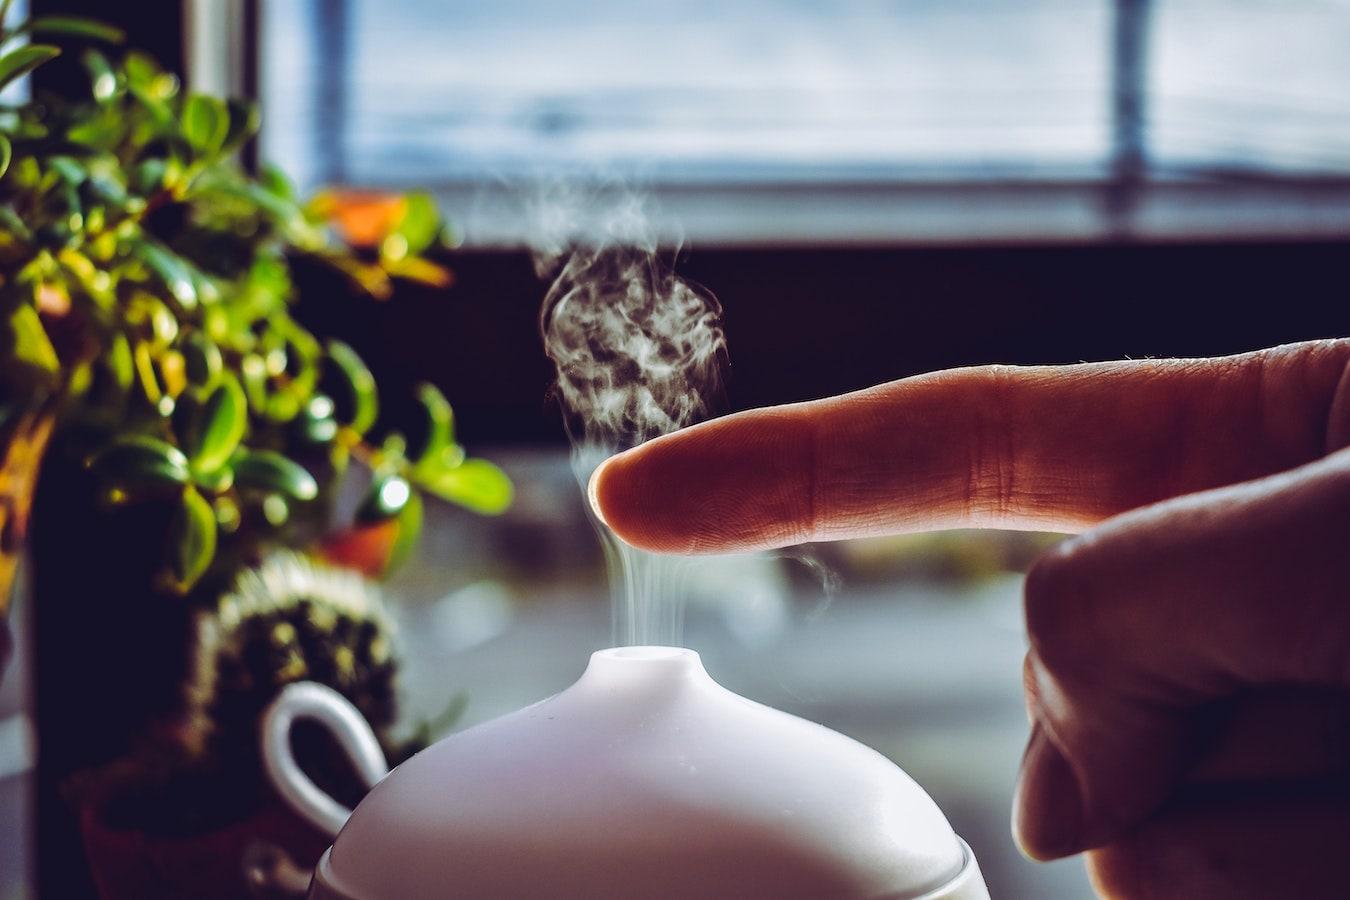 Diffusor zum Versprühen von ätherischen Ölen wie Ringelblumenöl